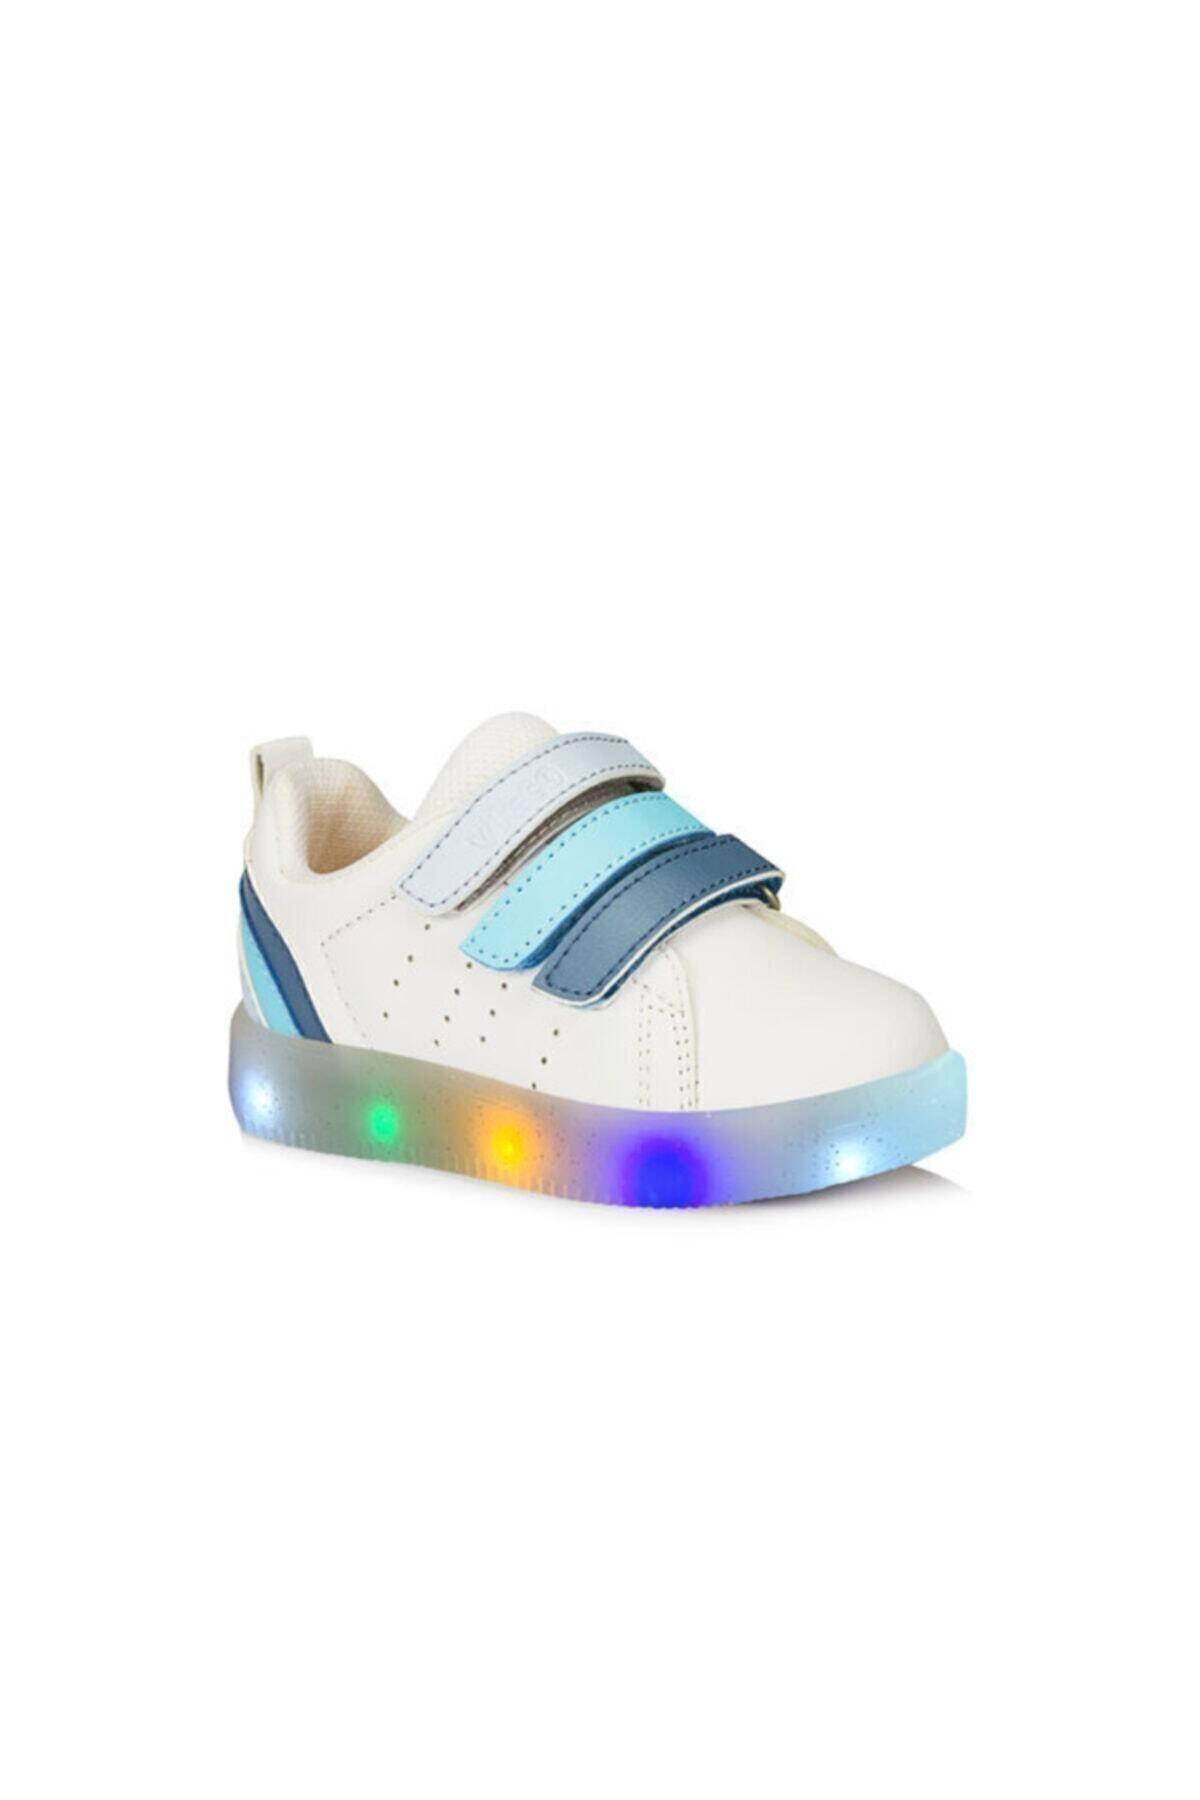 Çocuk Işıklı Ayakkabı Beyaz/mavi Sun 220.b21y.212